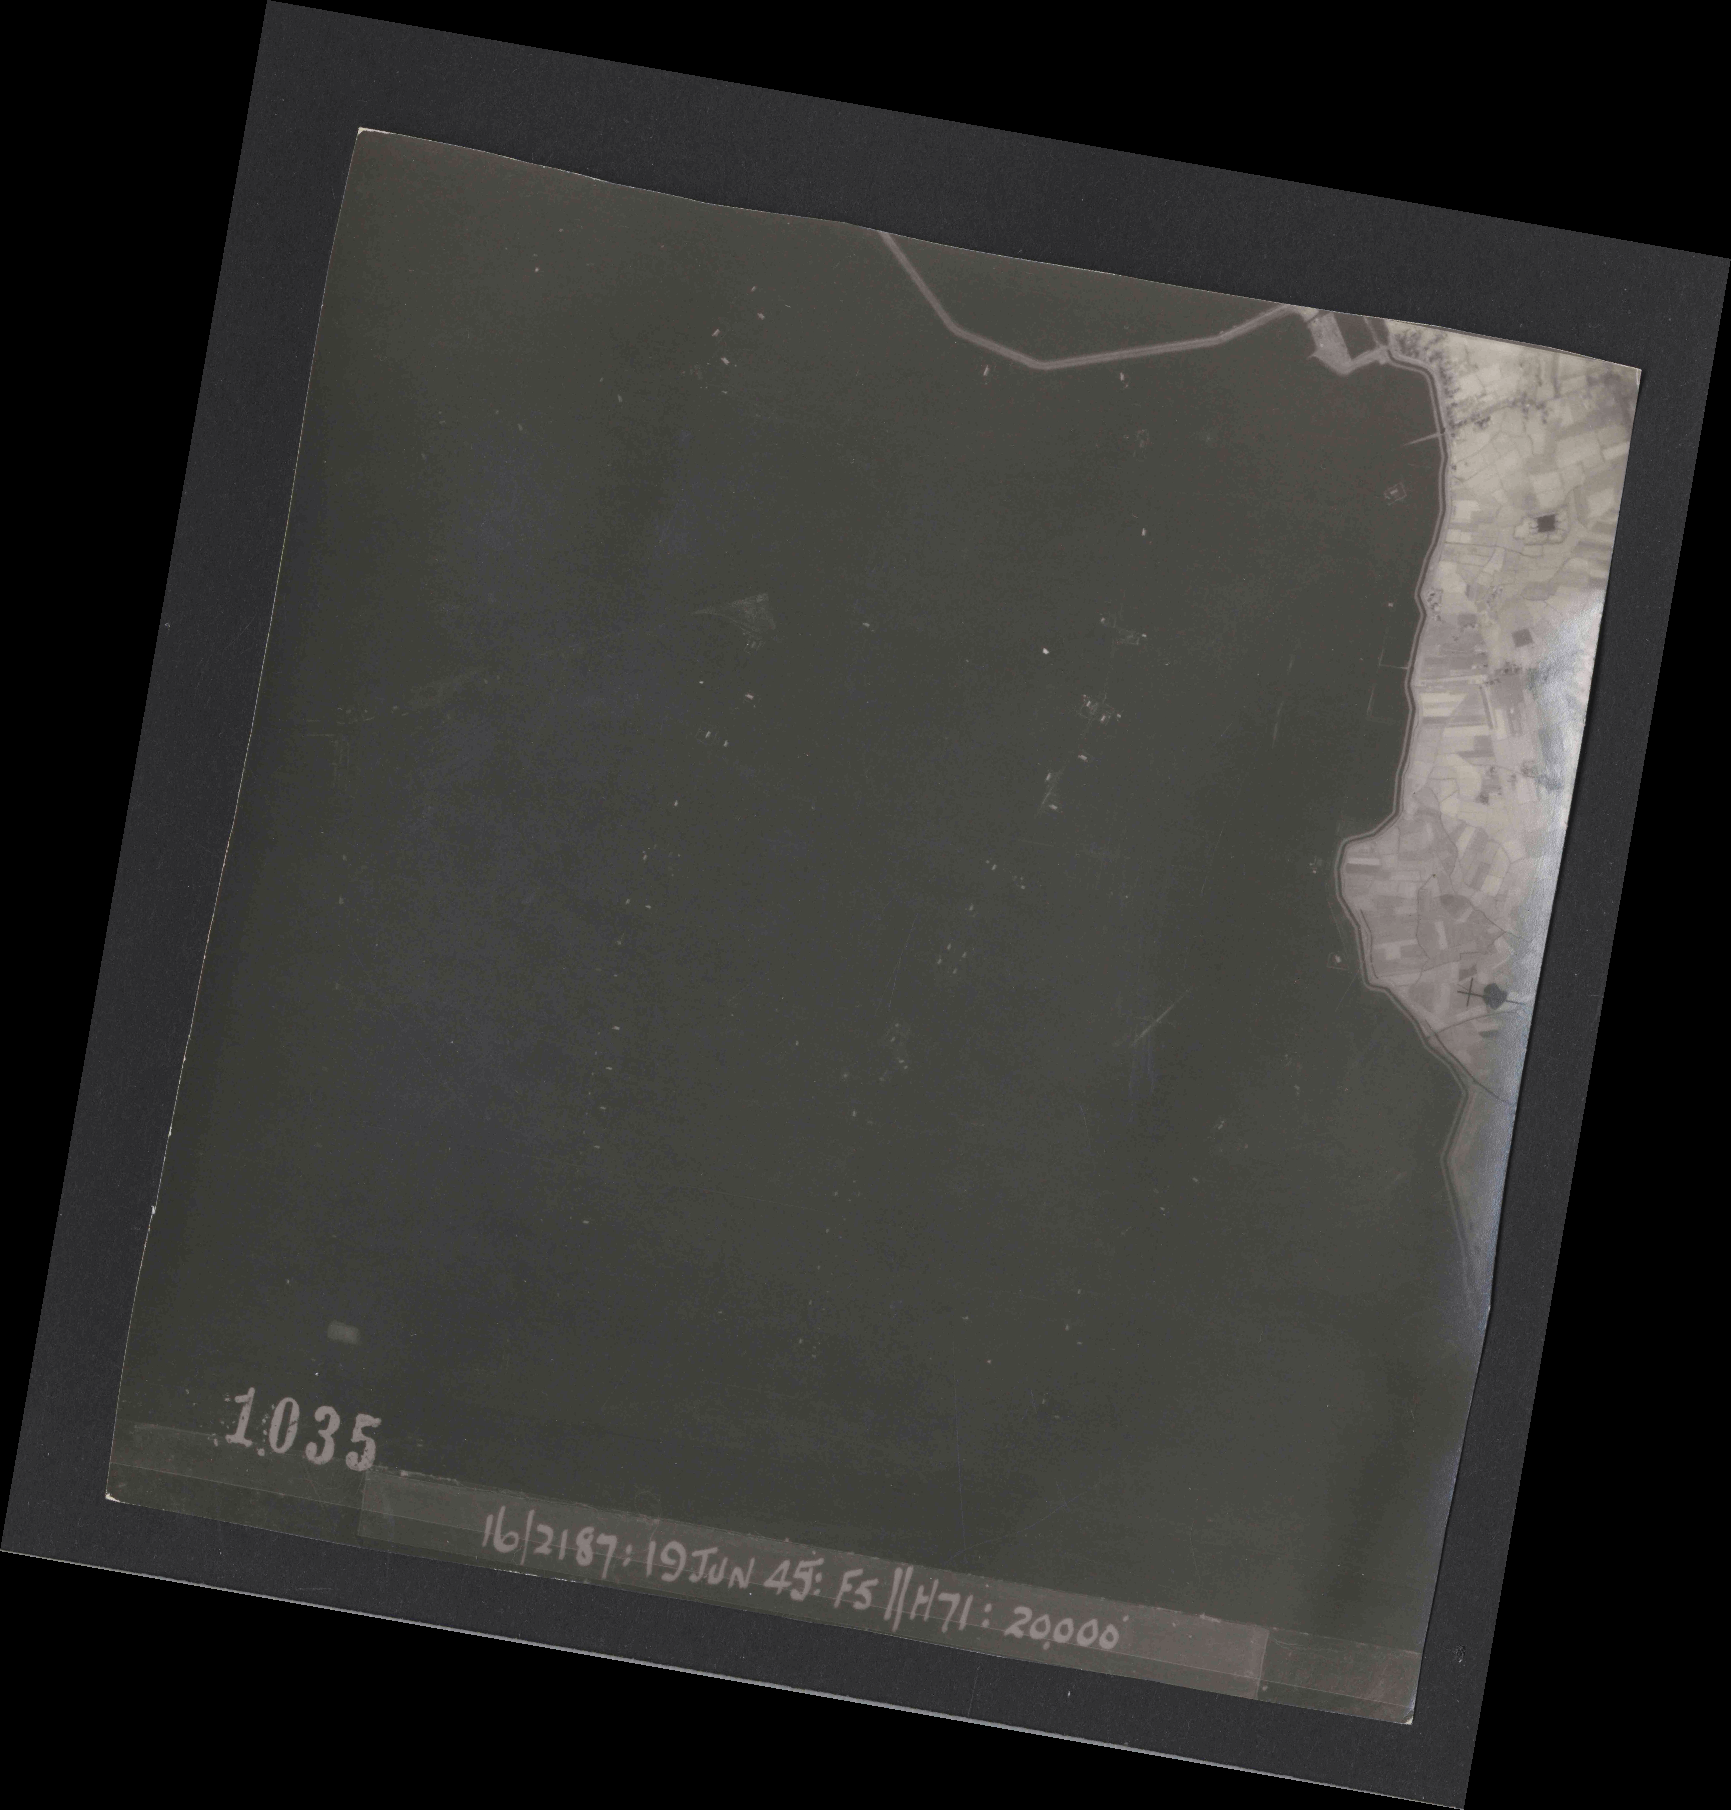 Collection RAF aerial photos 1940-1945 - flight 551, run 01, photo 1035